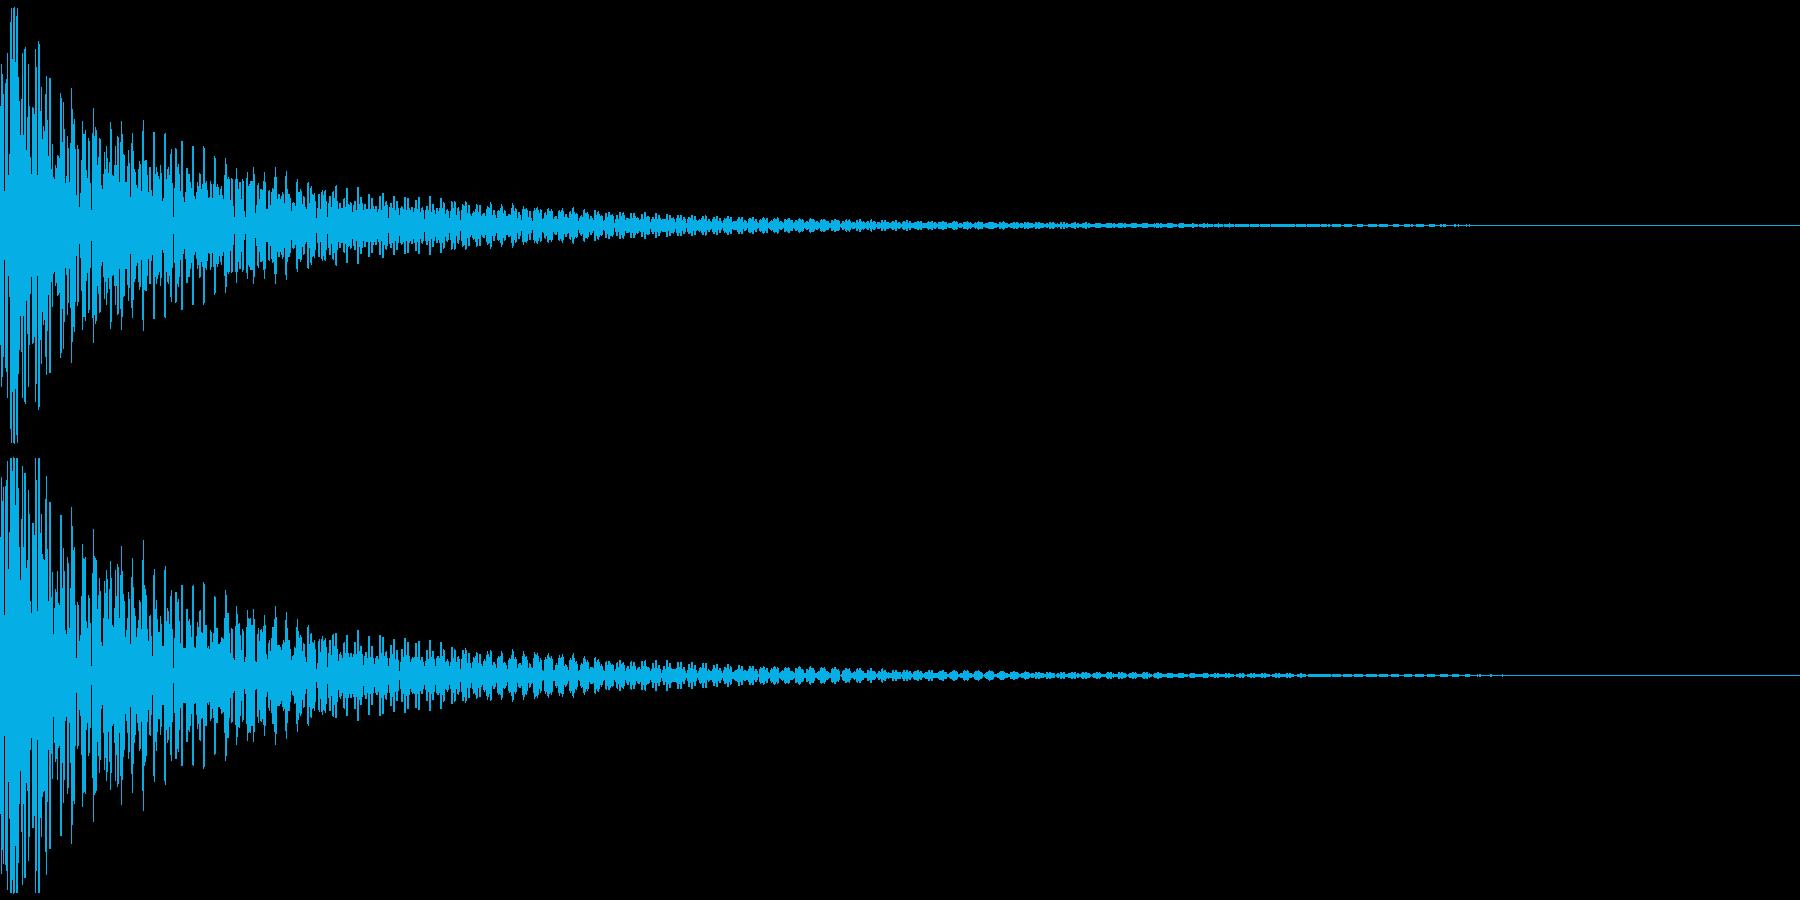 ドン(和太鼓一発)の再生済みの波形